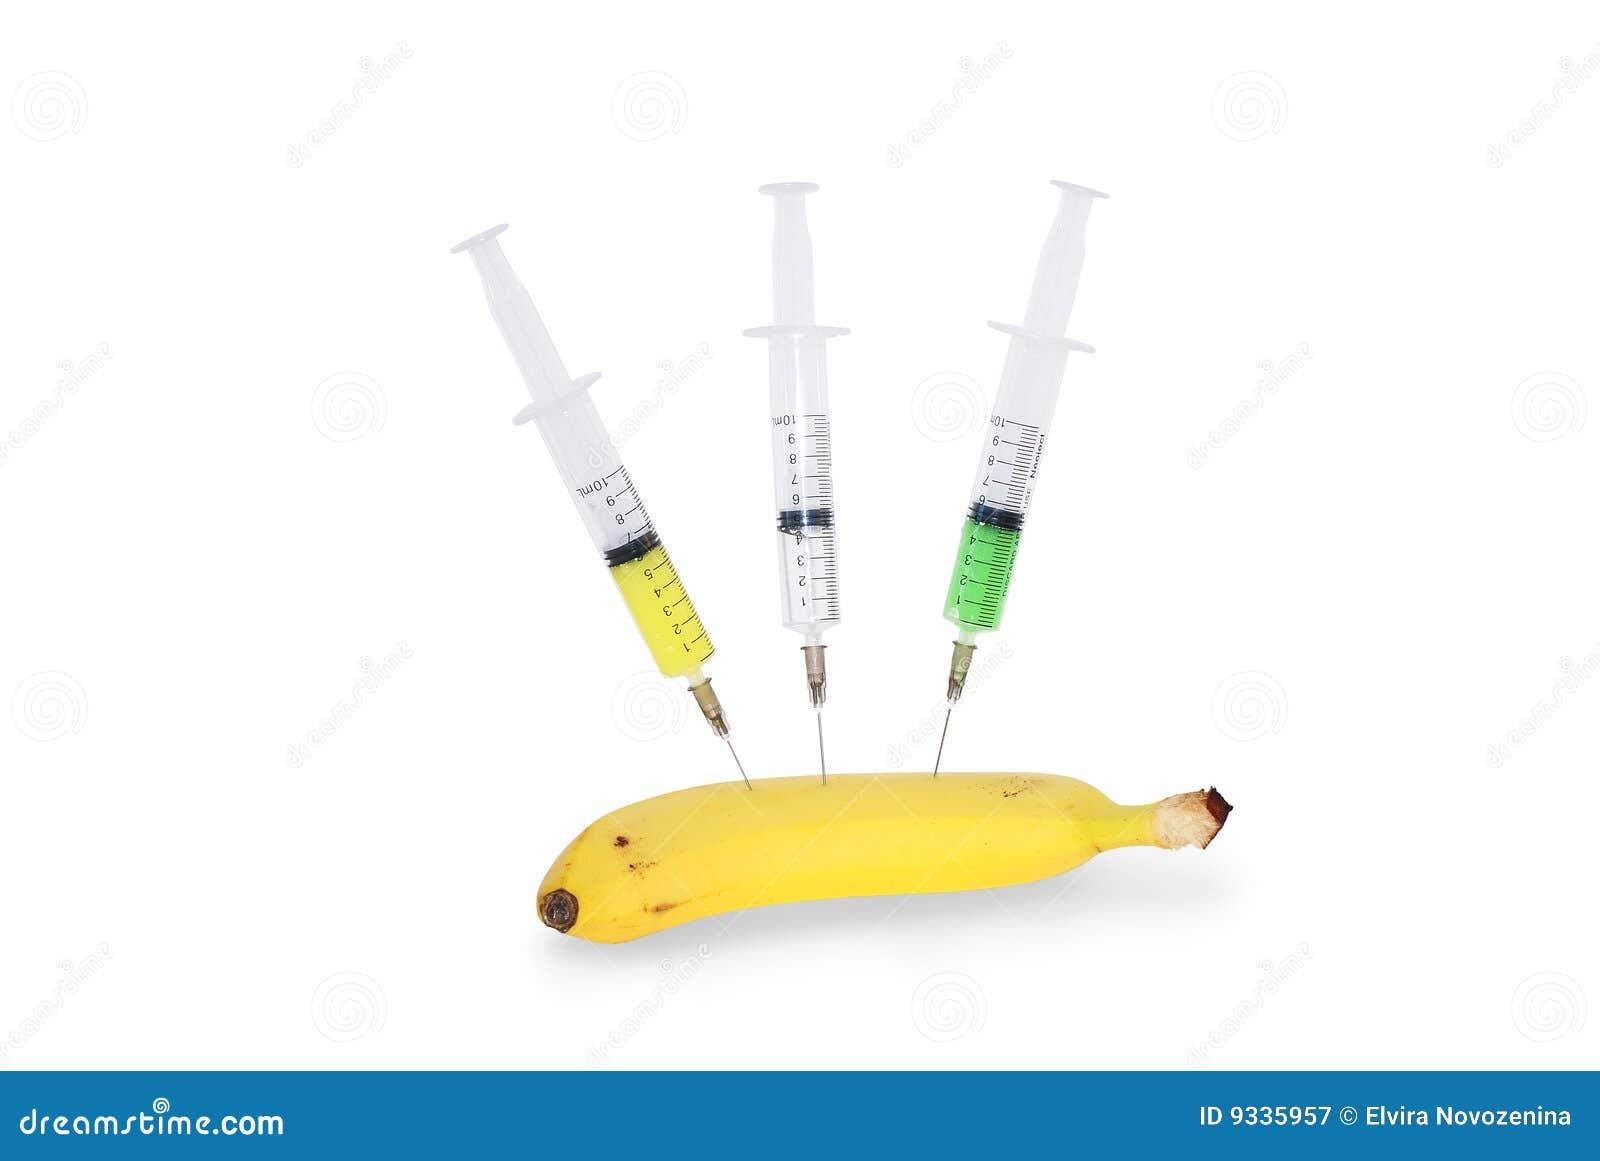 Plátano genético